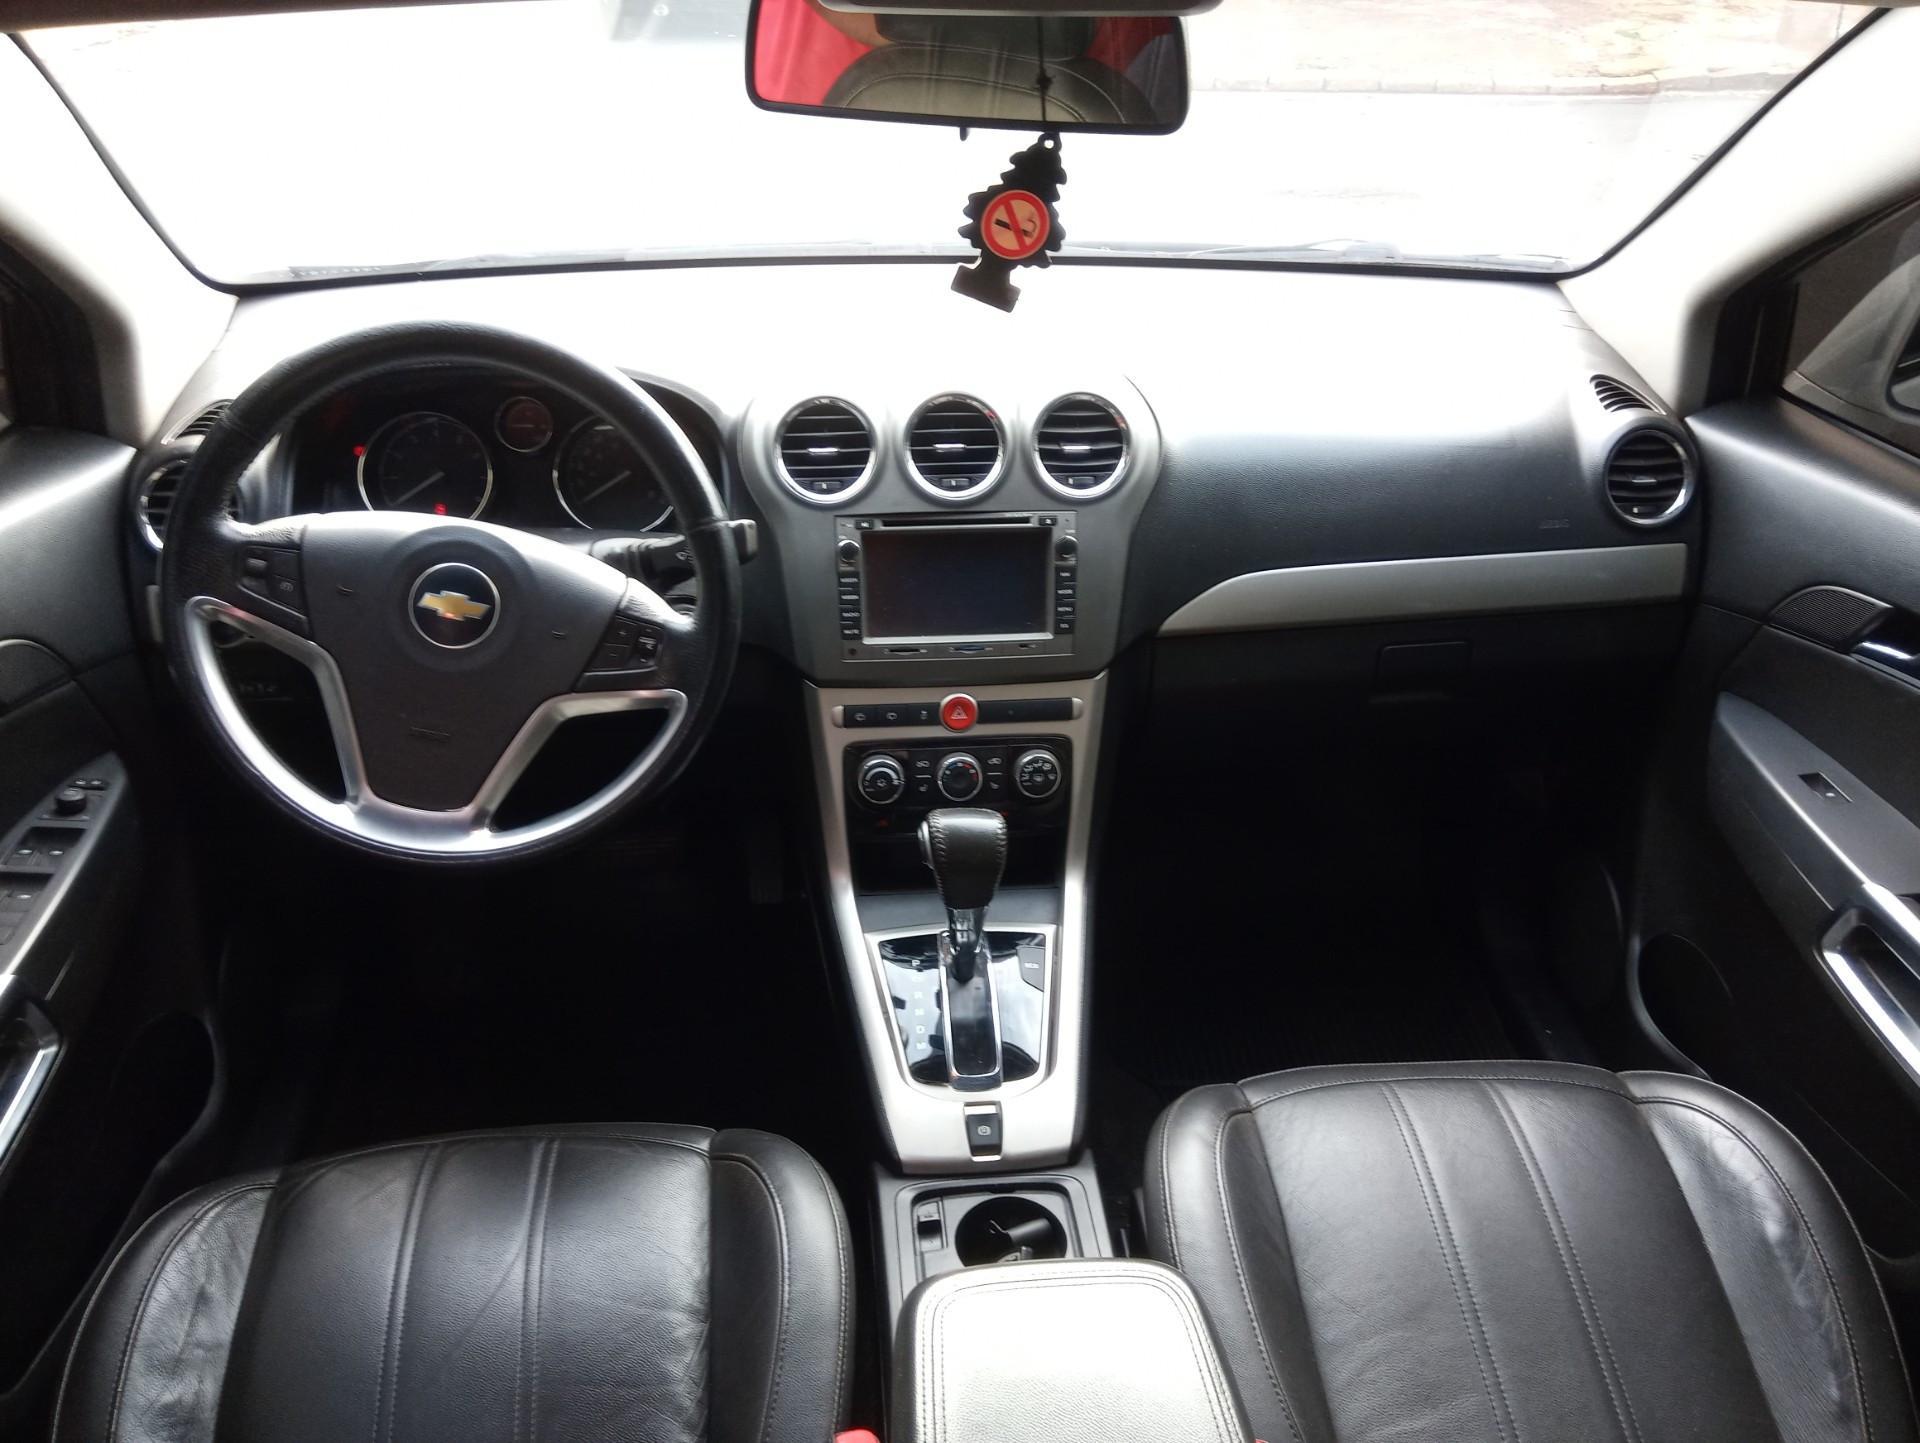 CHEVROLET Captiva Sport 3.6 V6 24V 4P SFI AWD, Foto 9